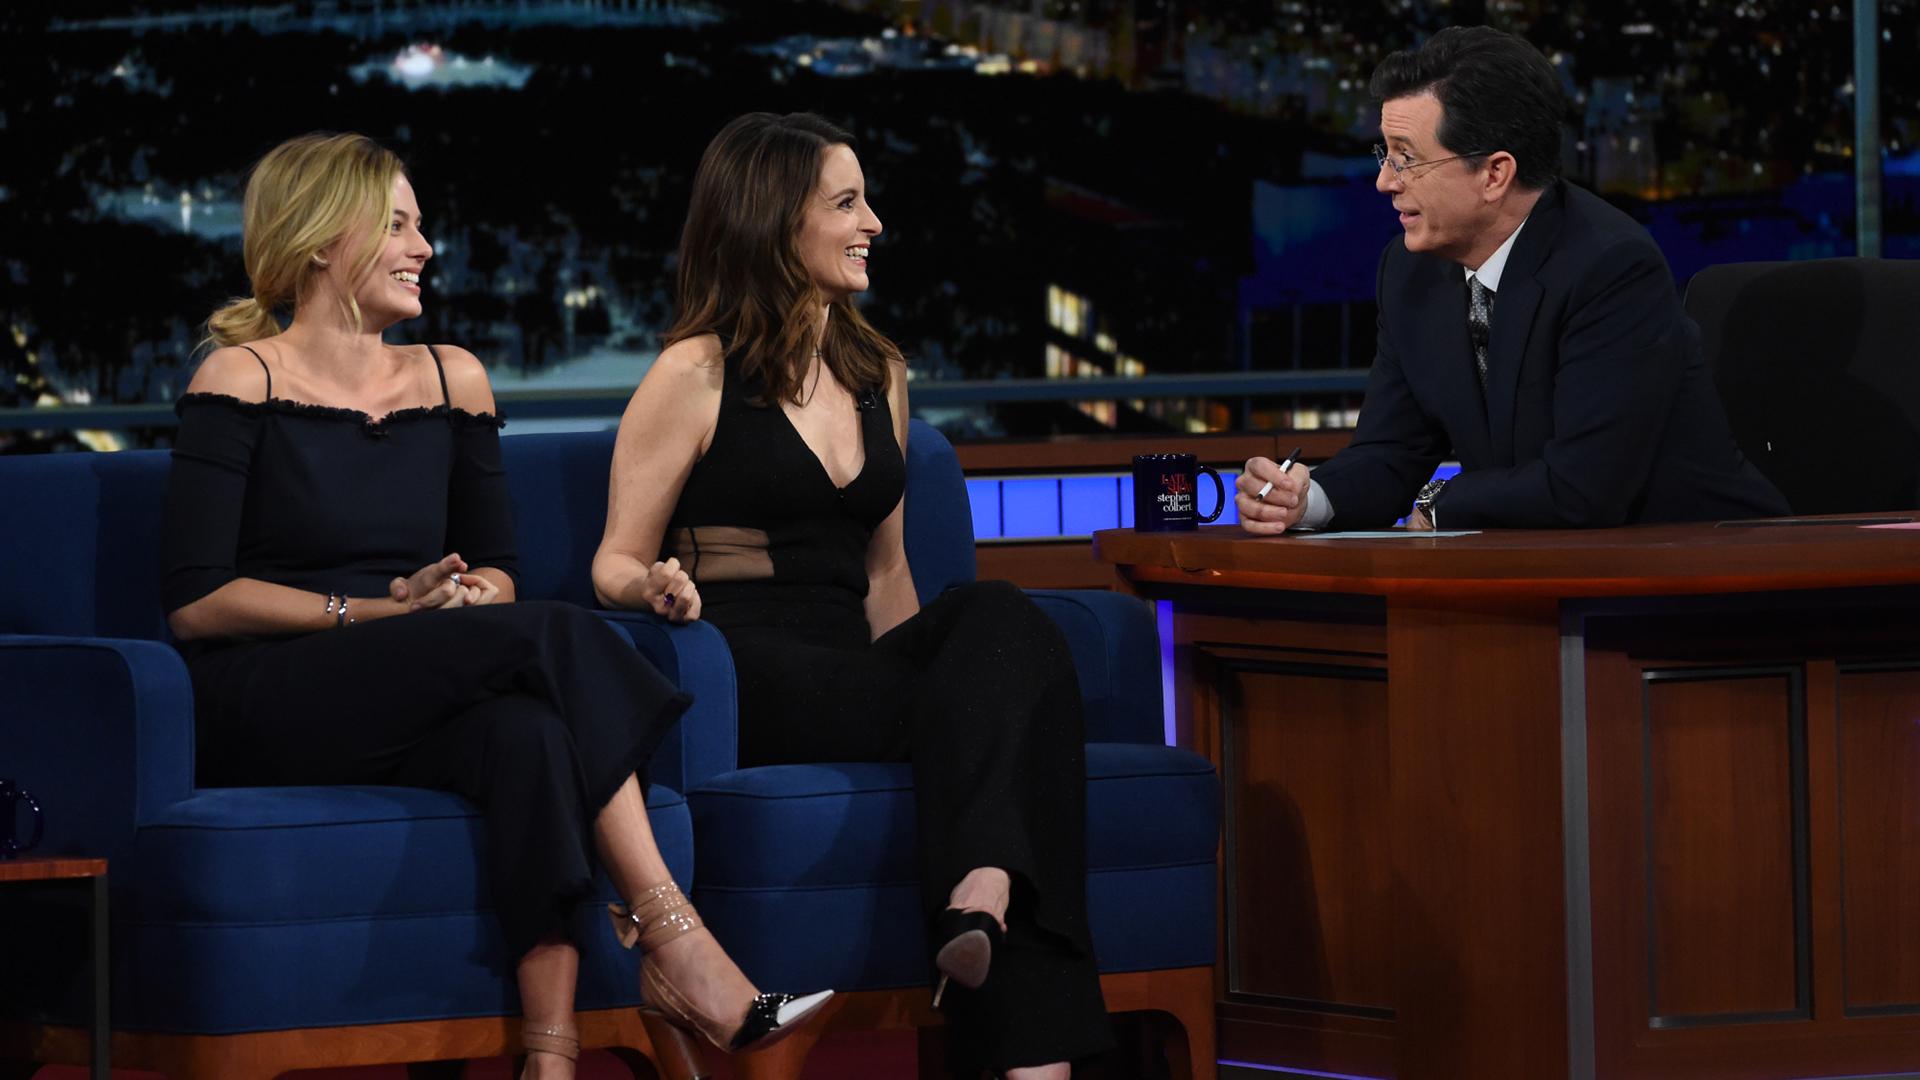 Tina Fey, Margot Robbie, and Stephen Colbert